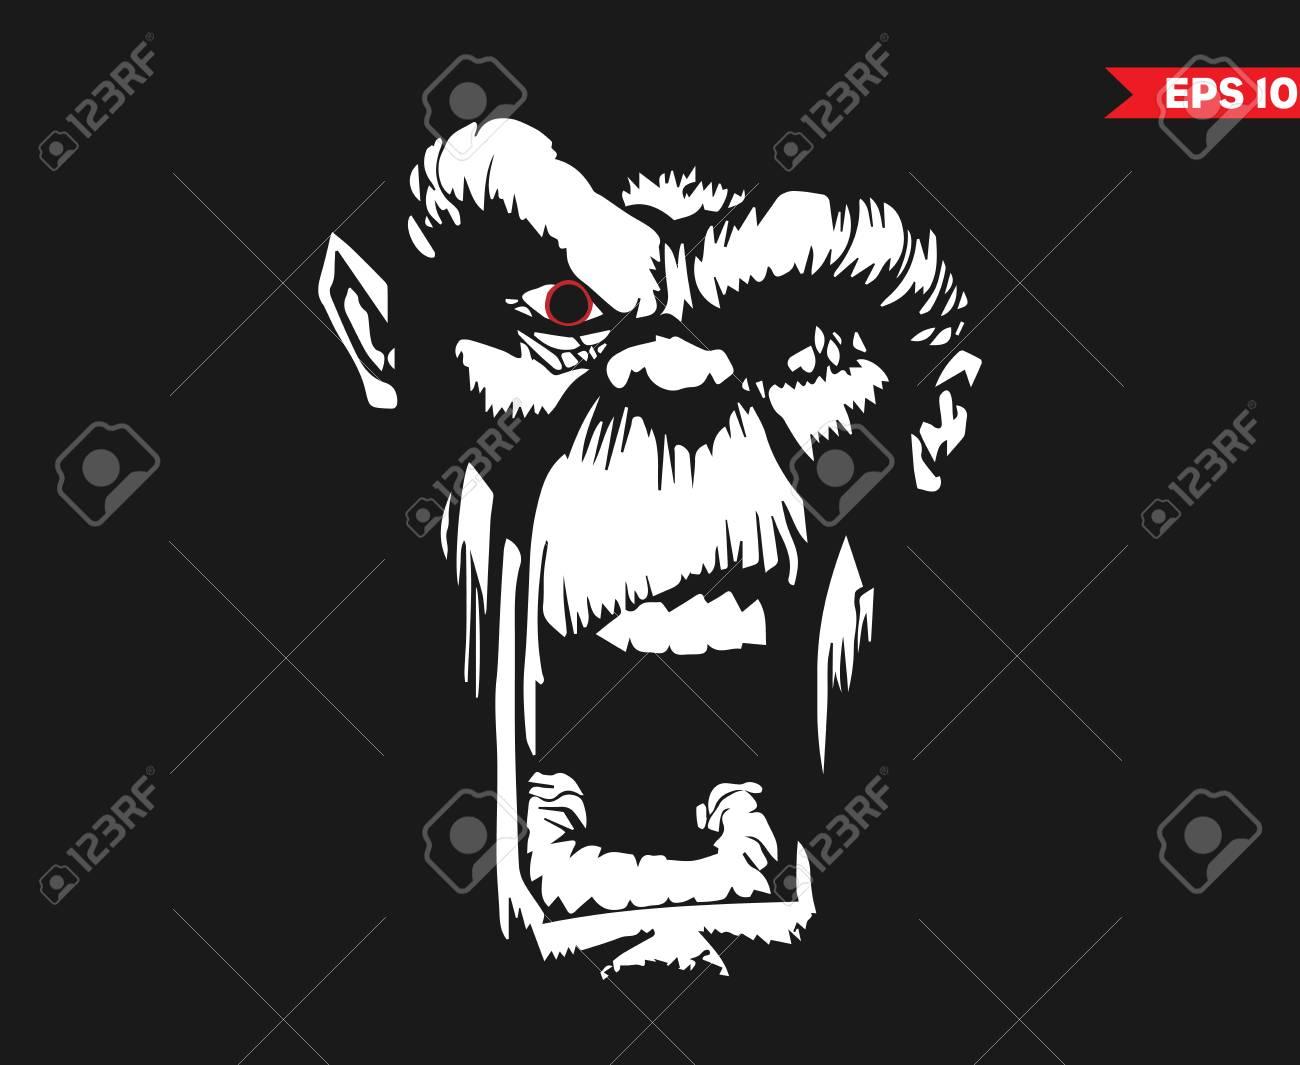 Angry Ape - 100224007